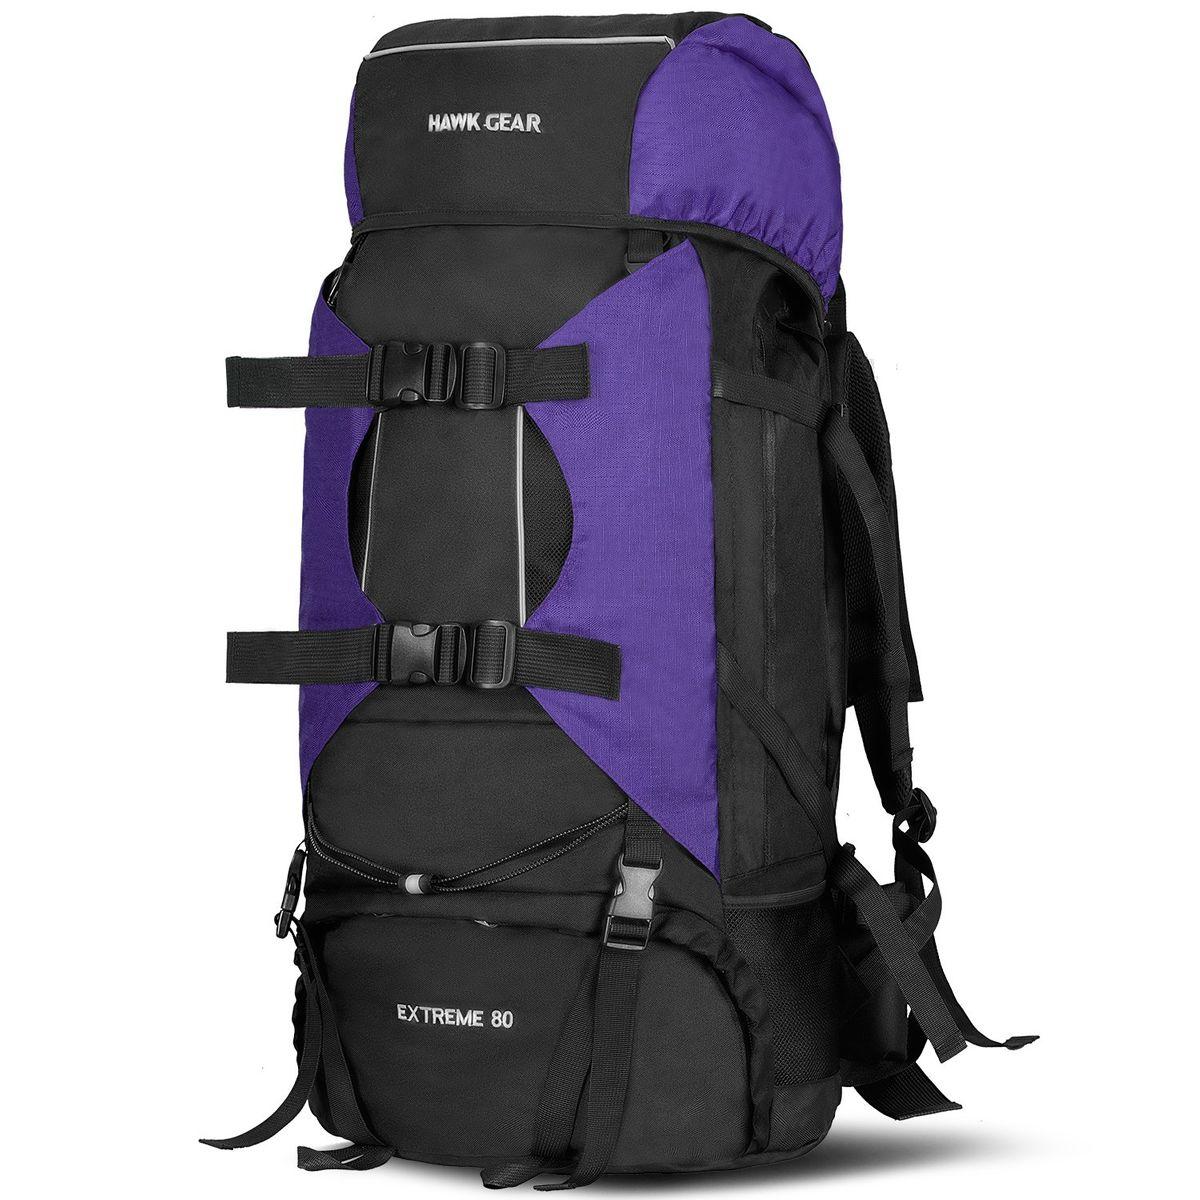 販売 HAWK GEAR ホークギア バックパック 80L 大容量 防水 アウトドア 防災 - 災害 旅行 purple 即納最大半額 登山